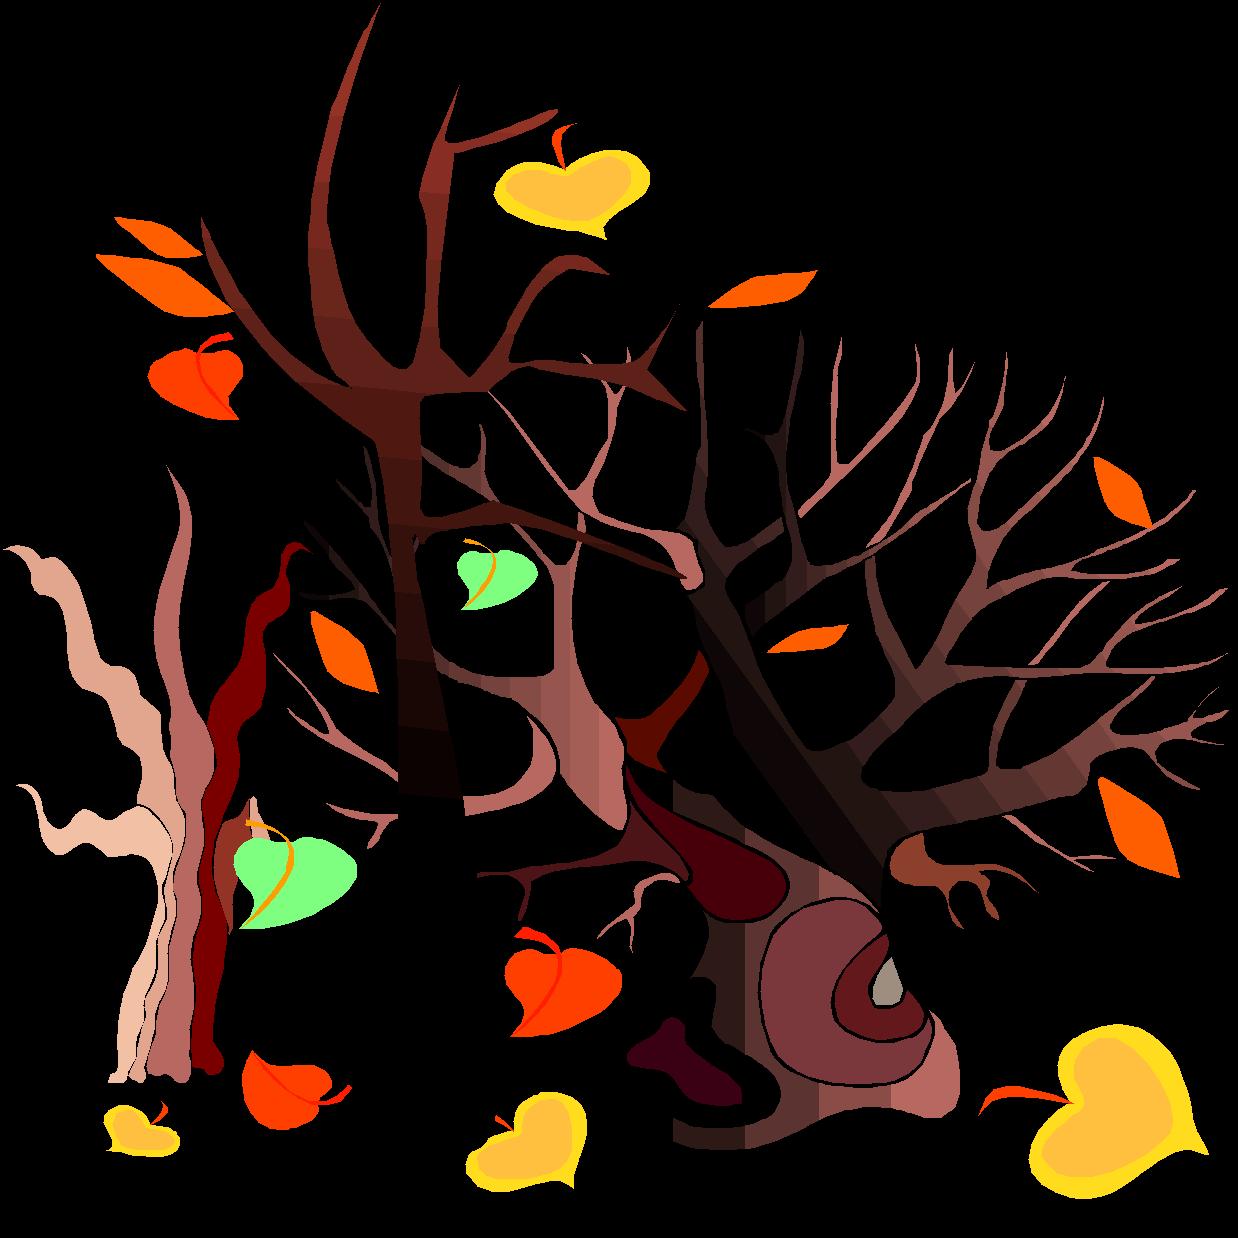 Листьям время опадать